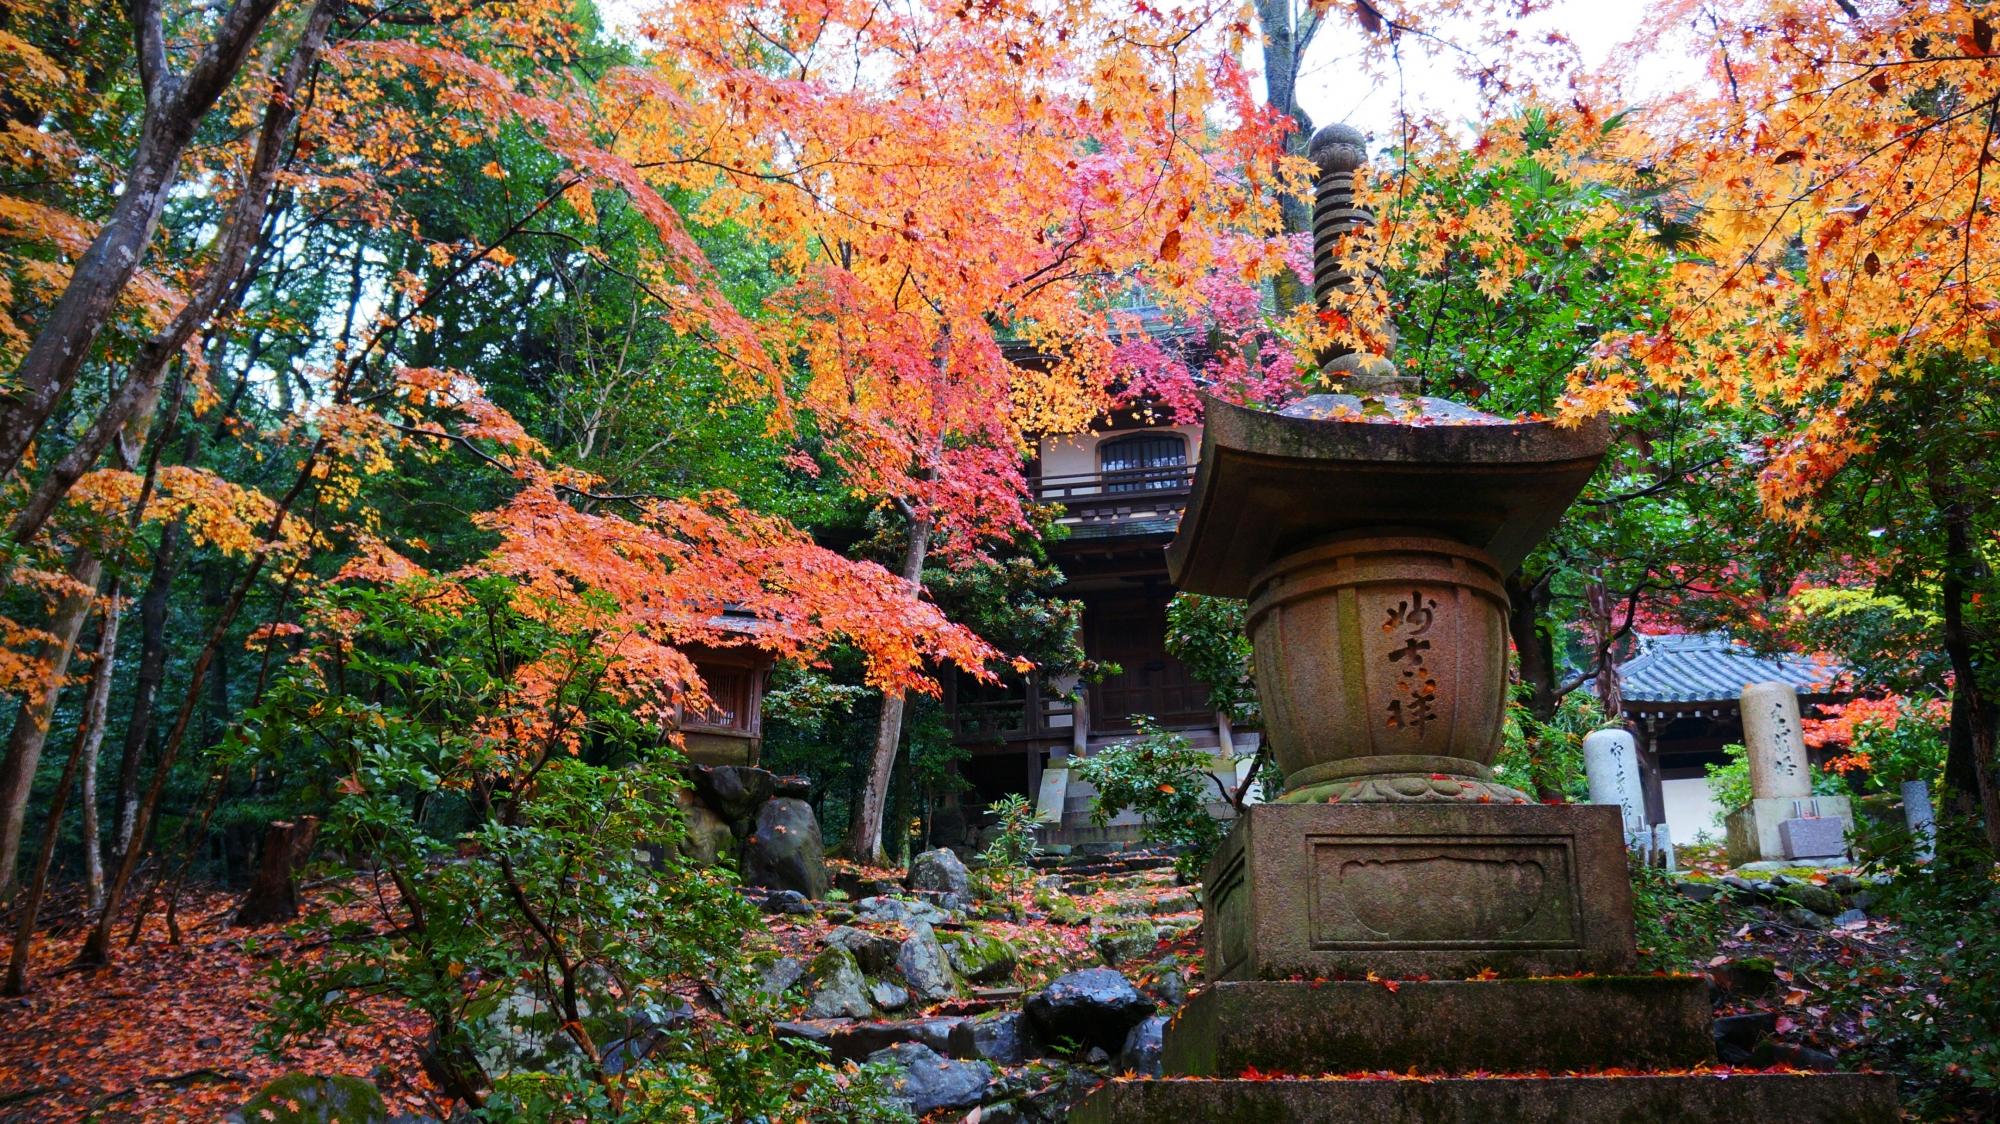 栖賢寺の観音堂と紅葉